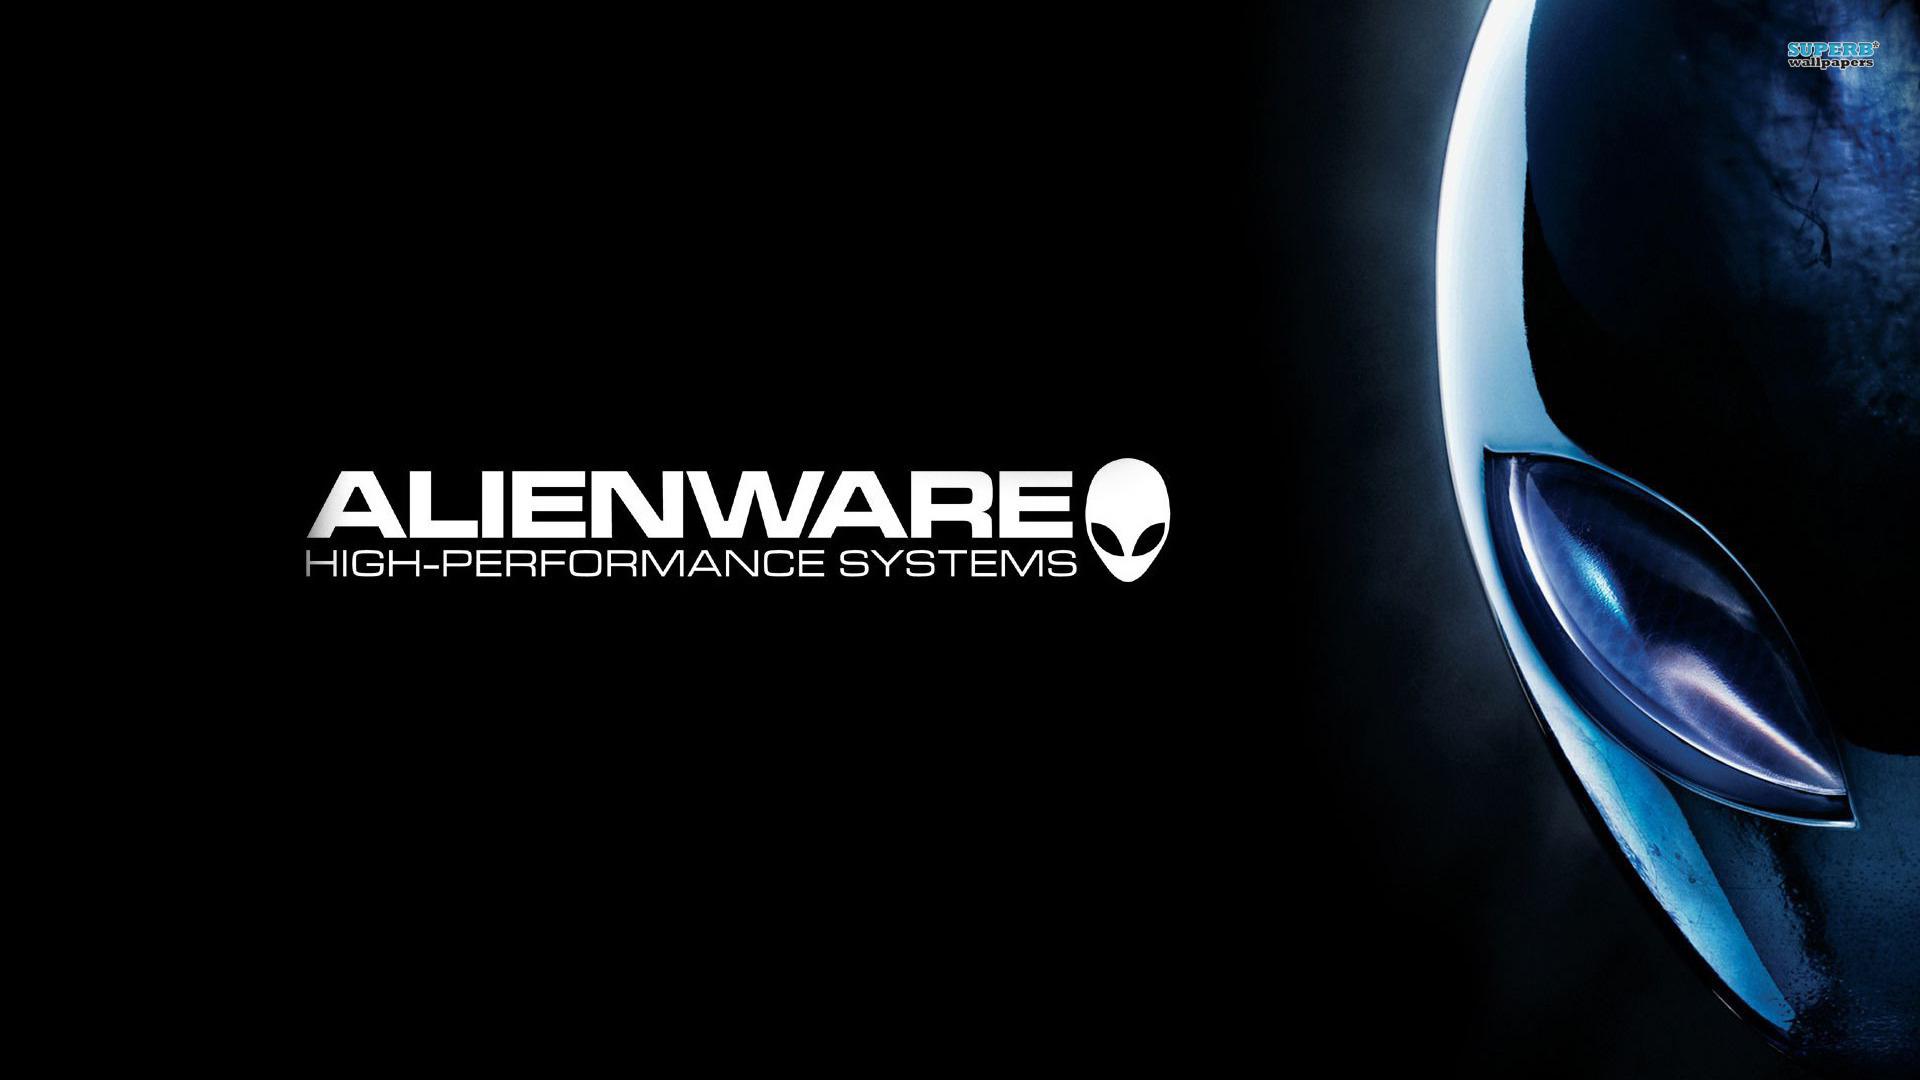 Alienwares Wallpapers 1920x1080